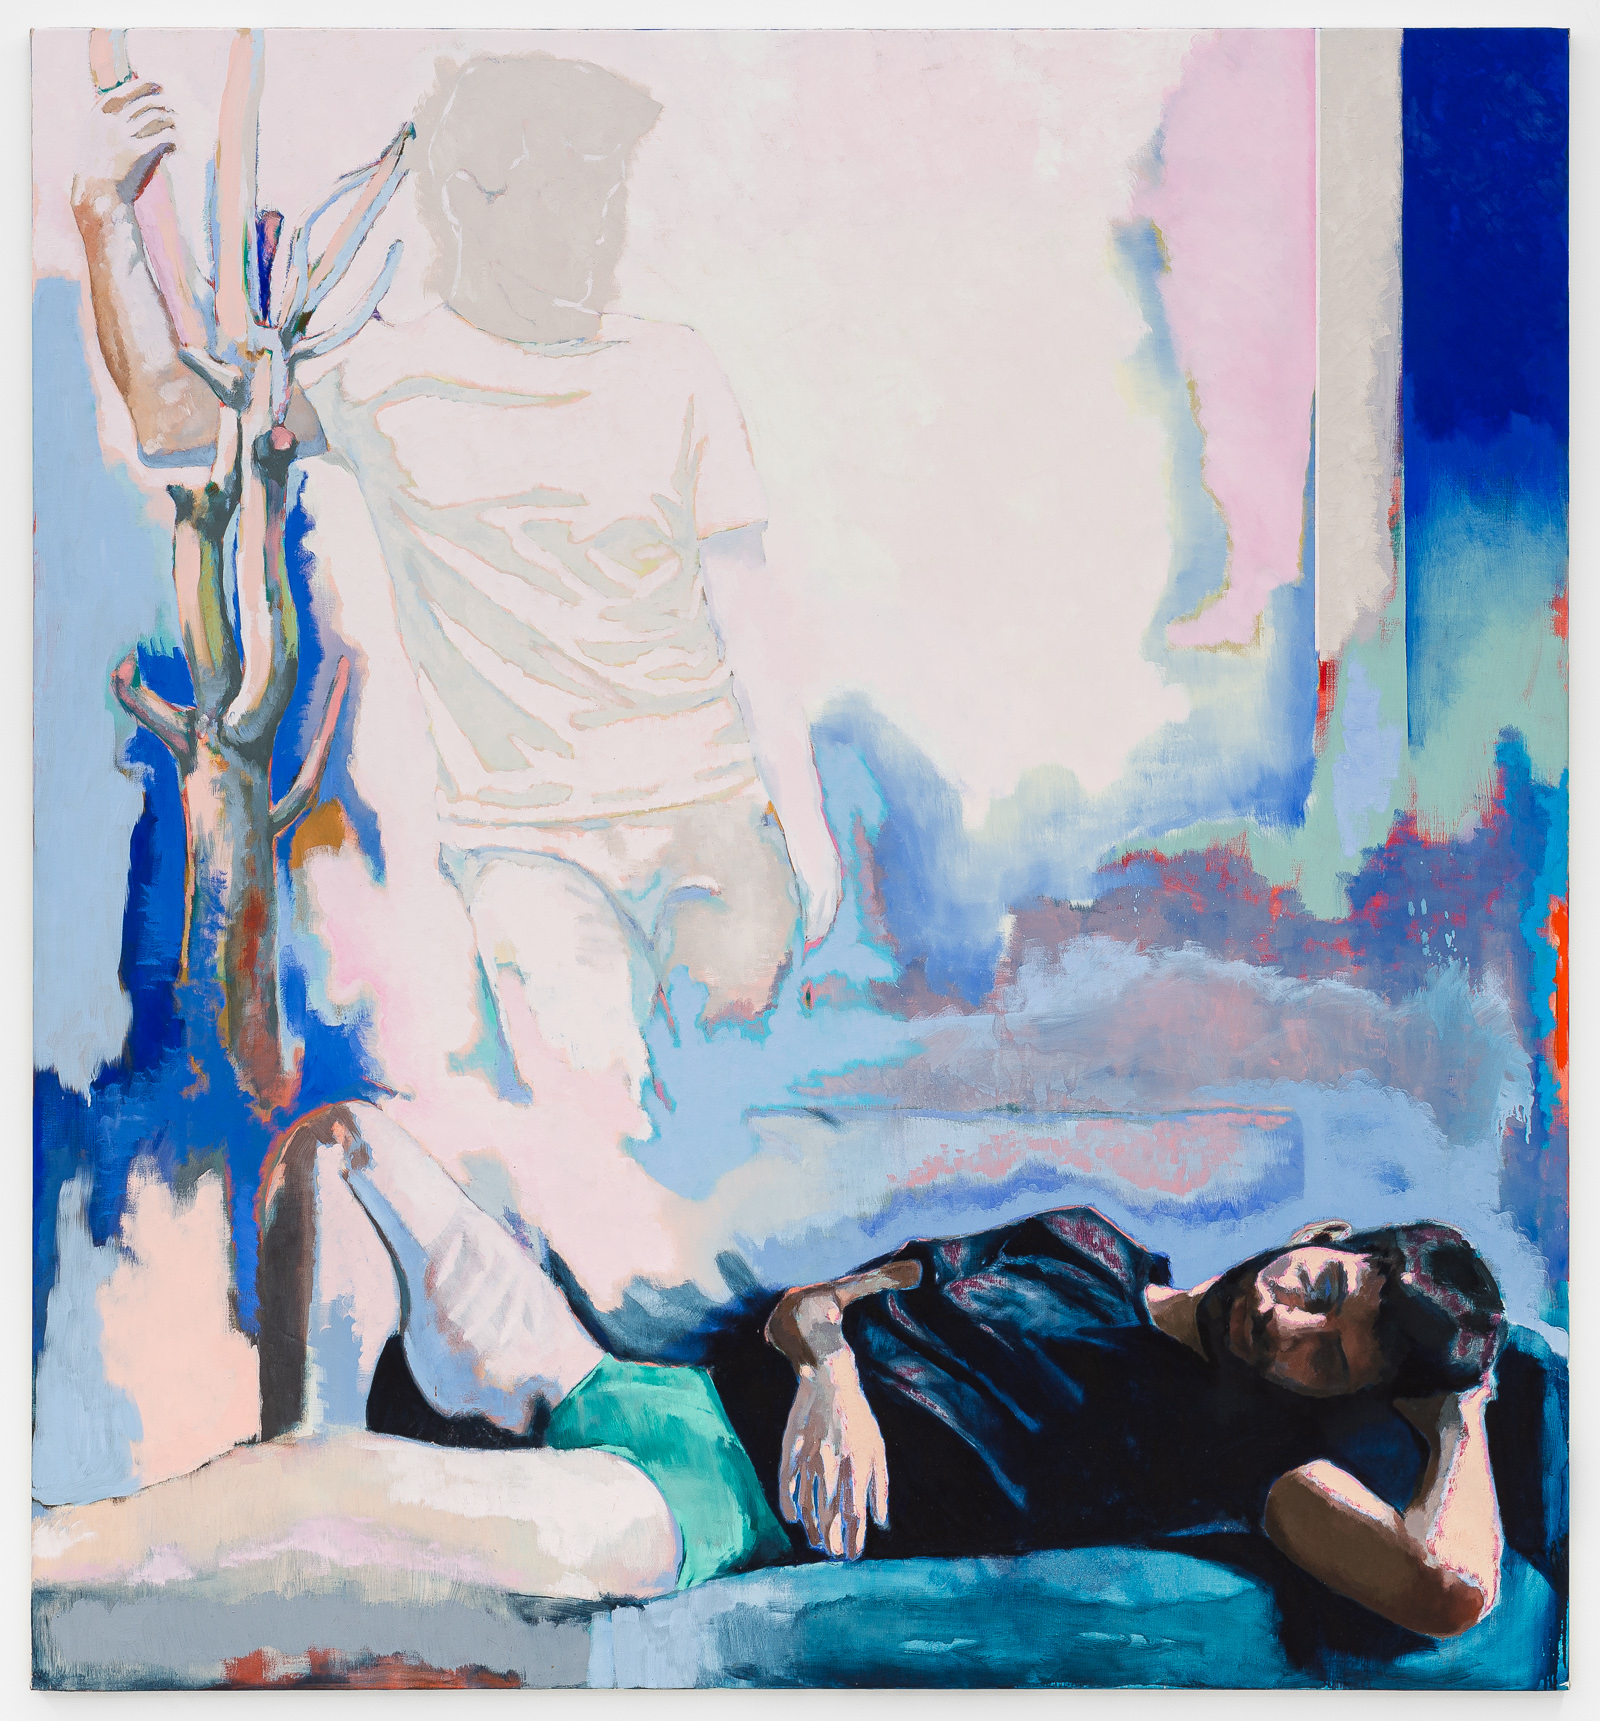 Ton absence laisse des traces sur le plâtre des murs, 2020, huile sur toile, 195 x 180 cm_photo Grégory Copitet_web